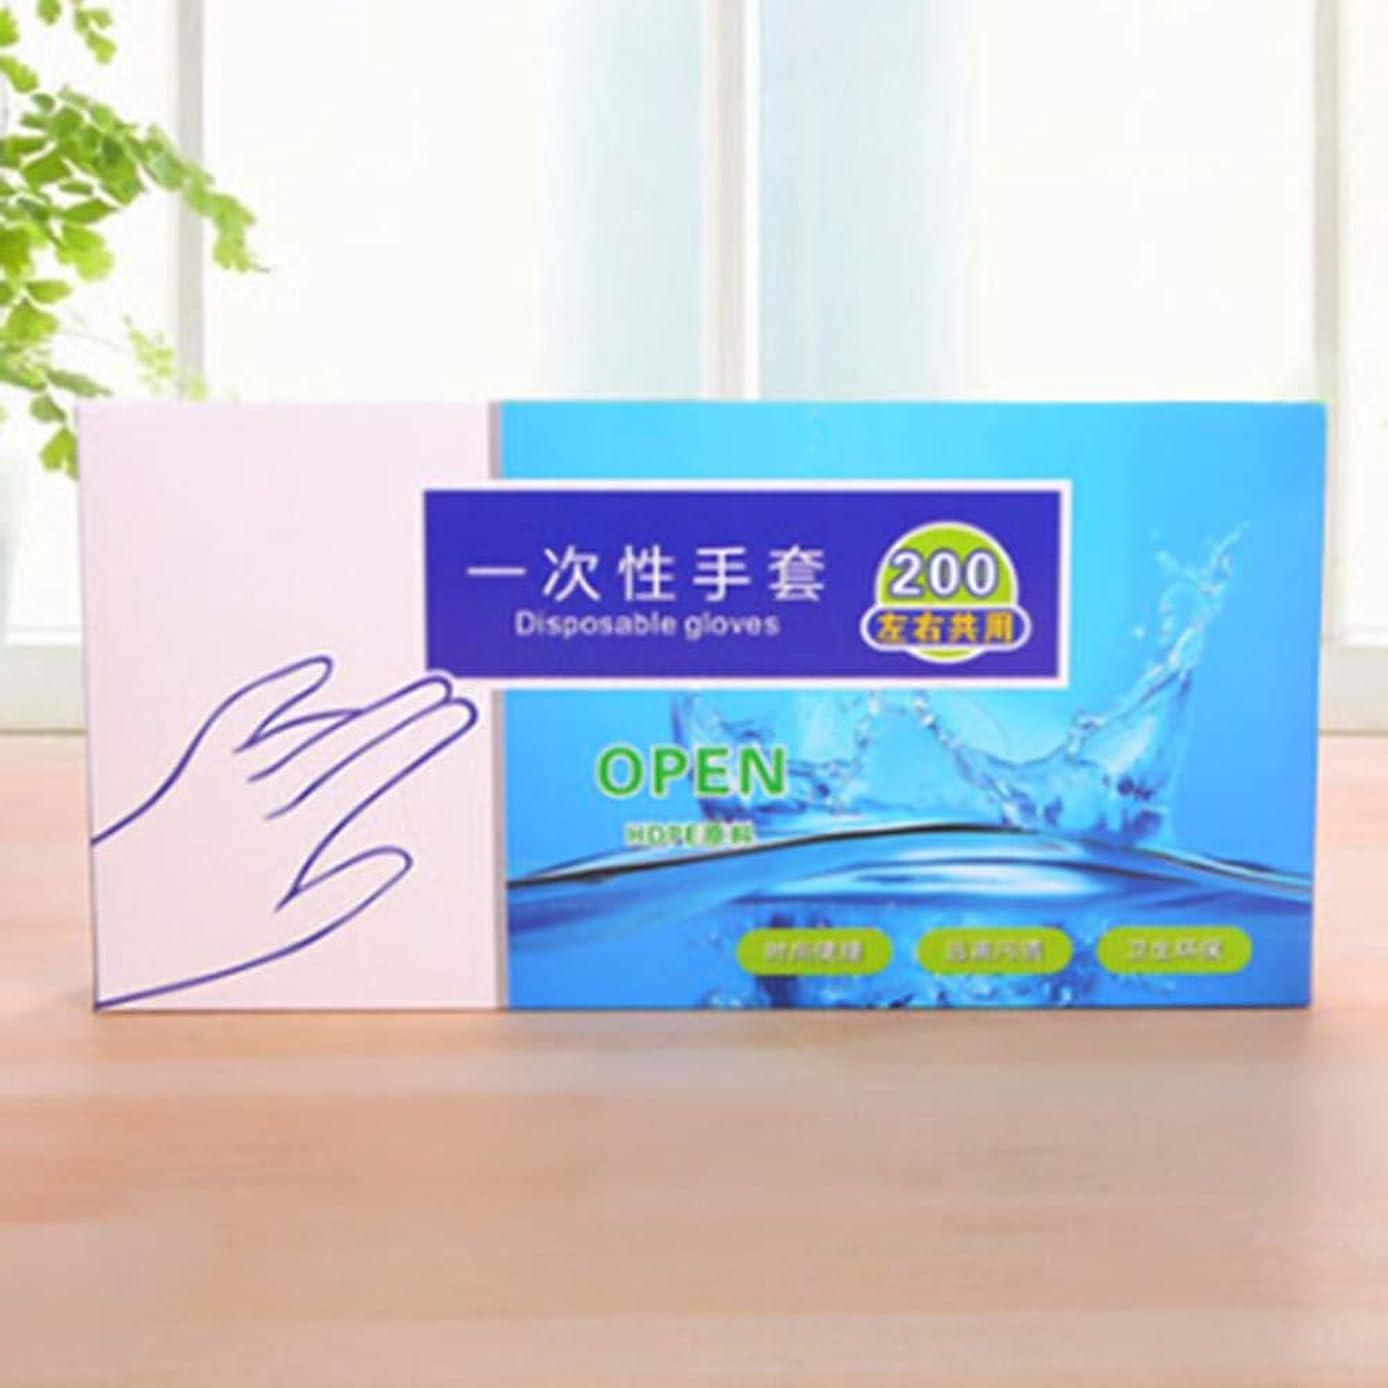 苦難誤解を招く伝統SODAOA屋 使い捨て手袋 透明 実用 衛生 プラスチック 調理 お掃除 毛染め 100枚/200枚 (200)